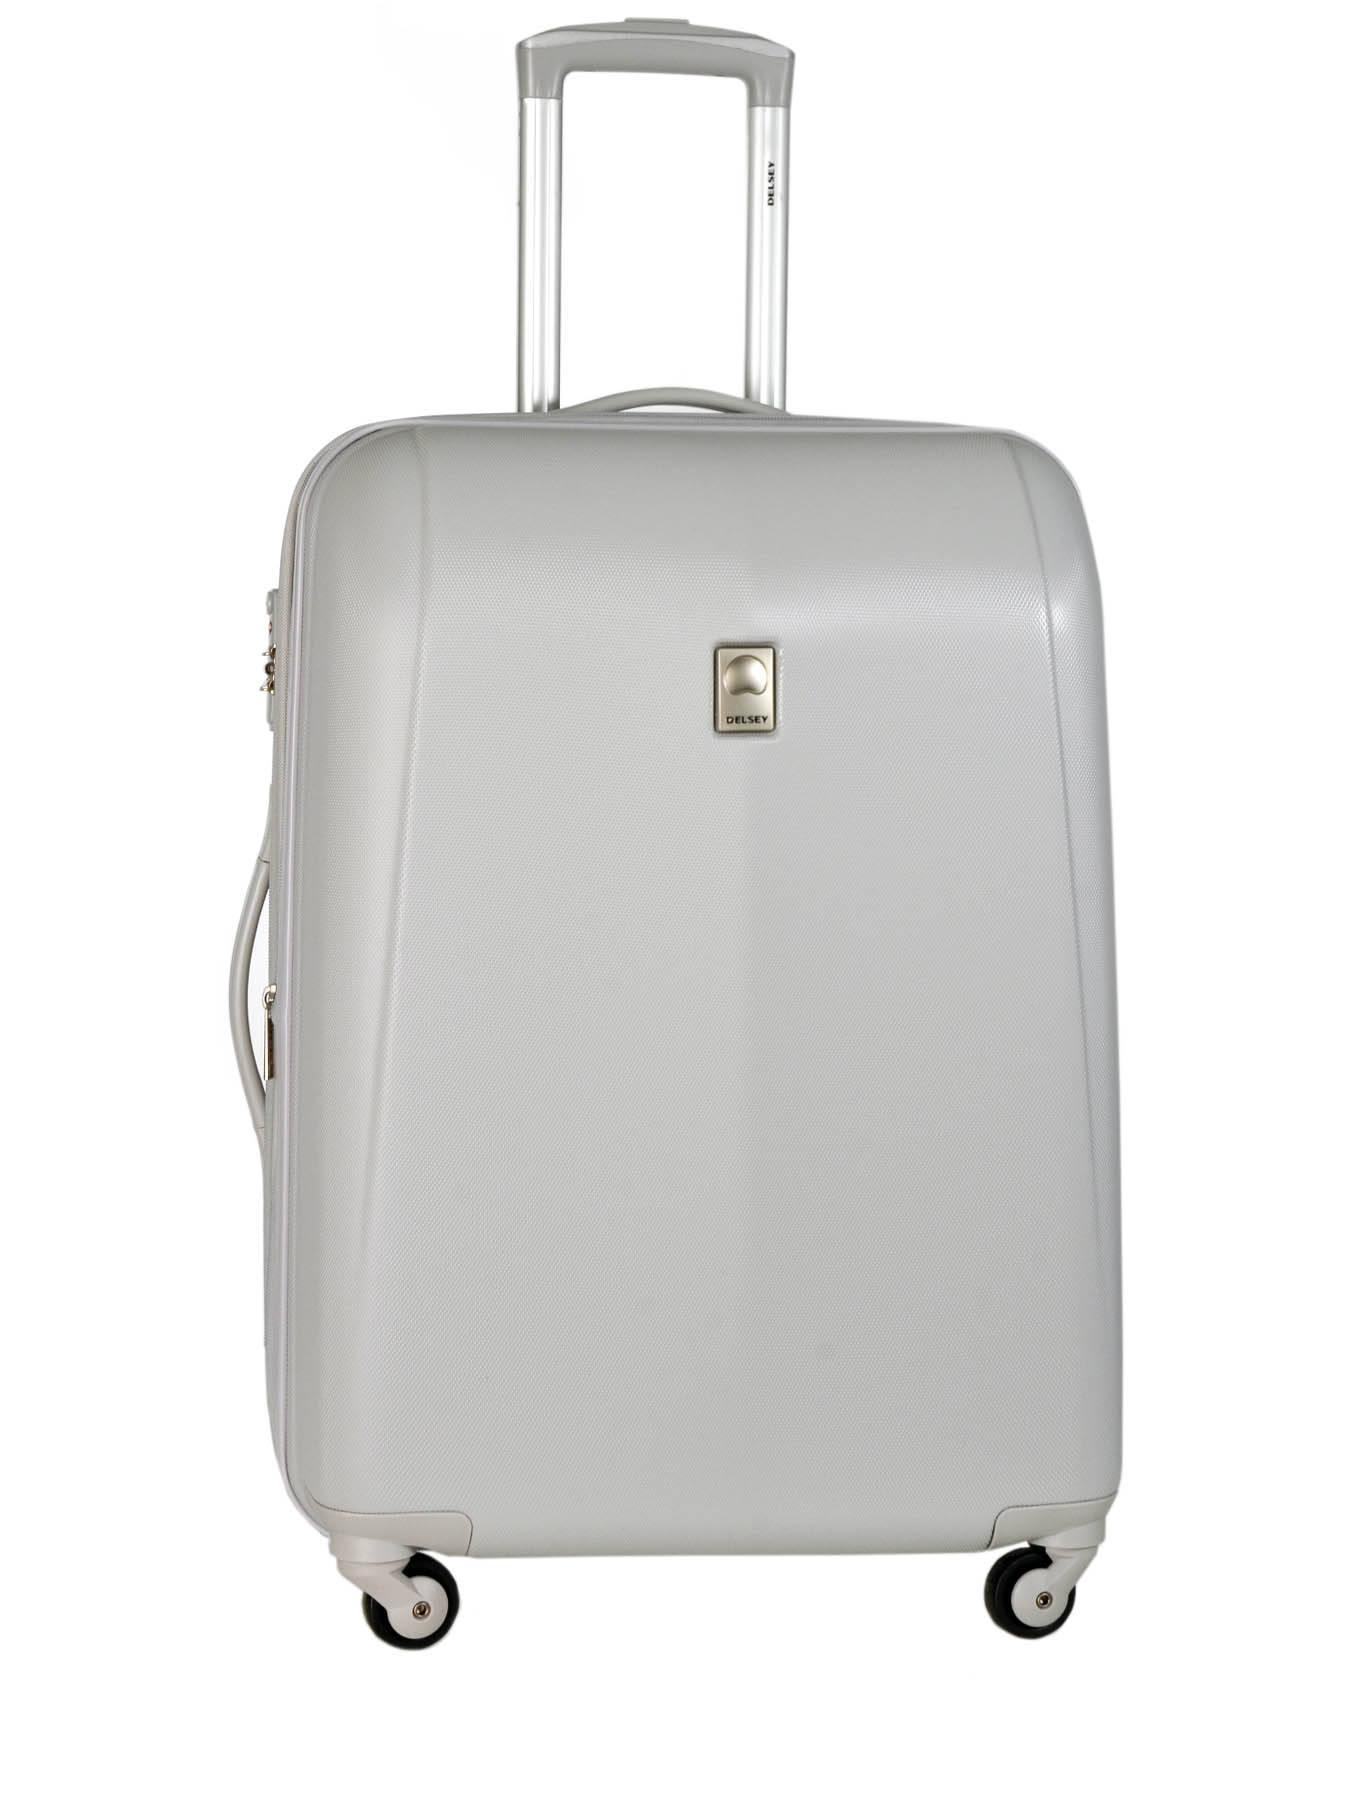 valise rigide delsey extendo 3 argent perle en vente au meilleur prix. Black Bedroom Furniture Sets. Home Design Ideas